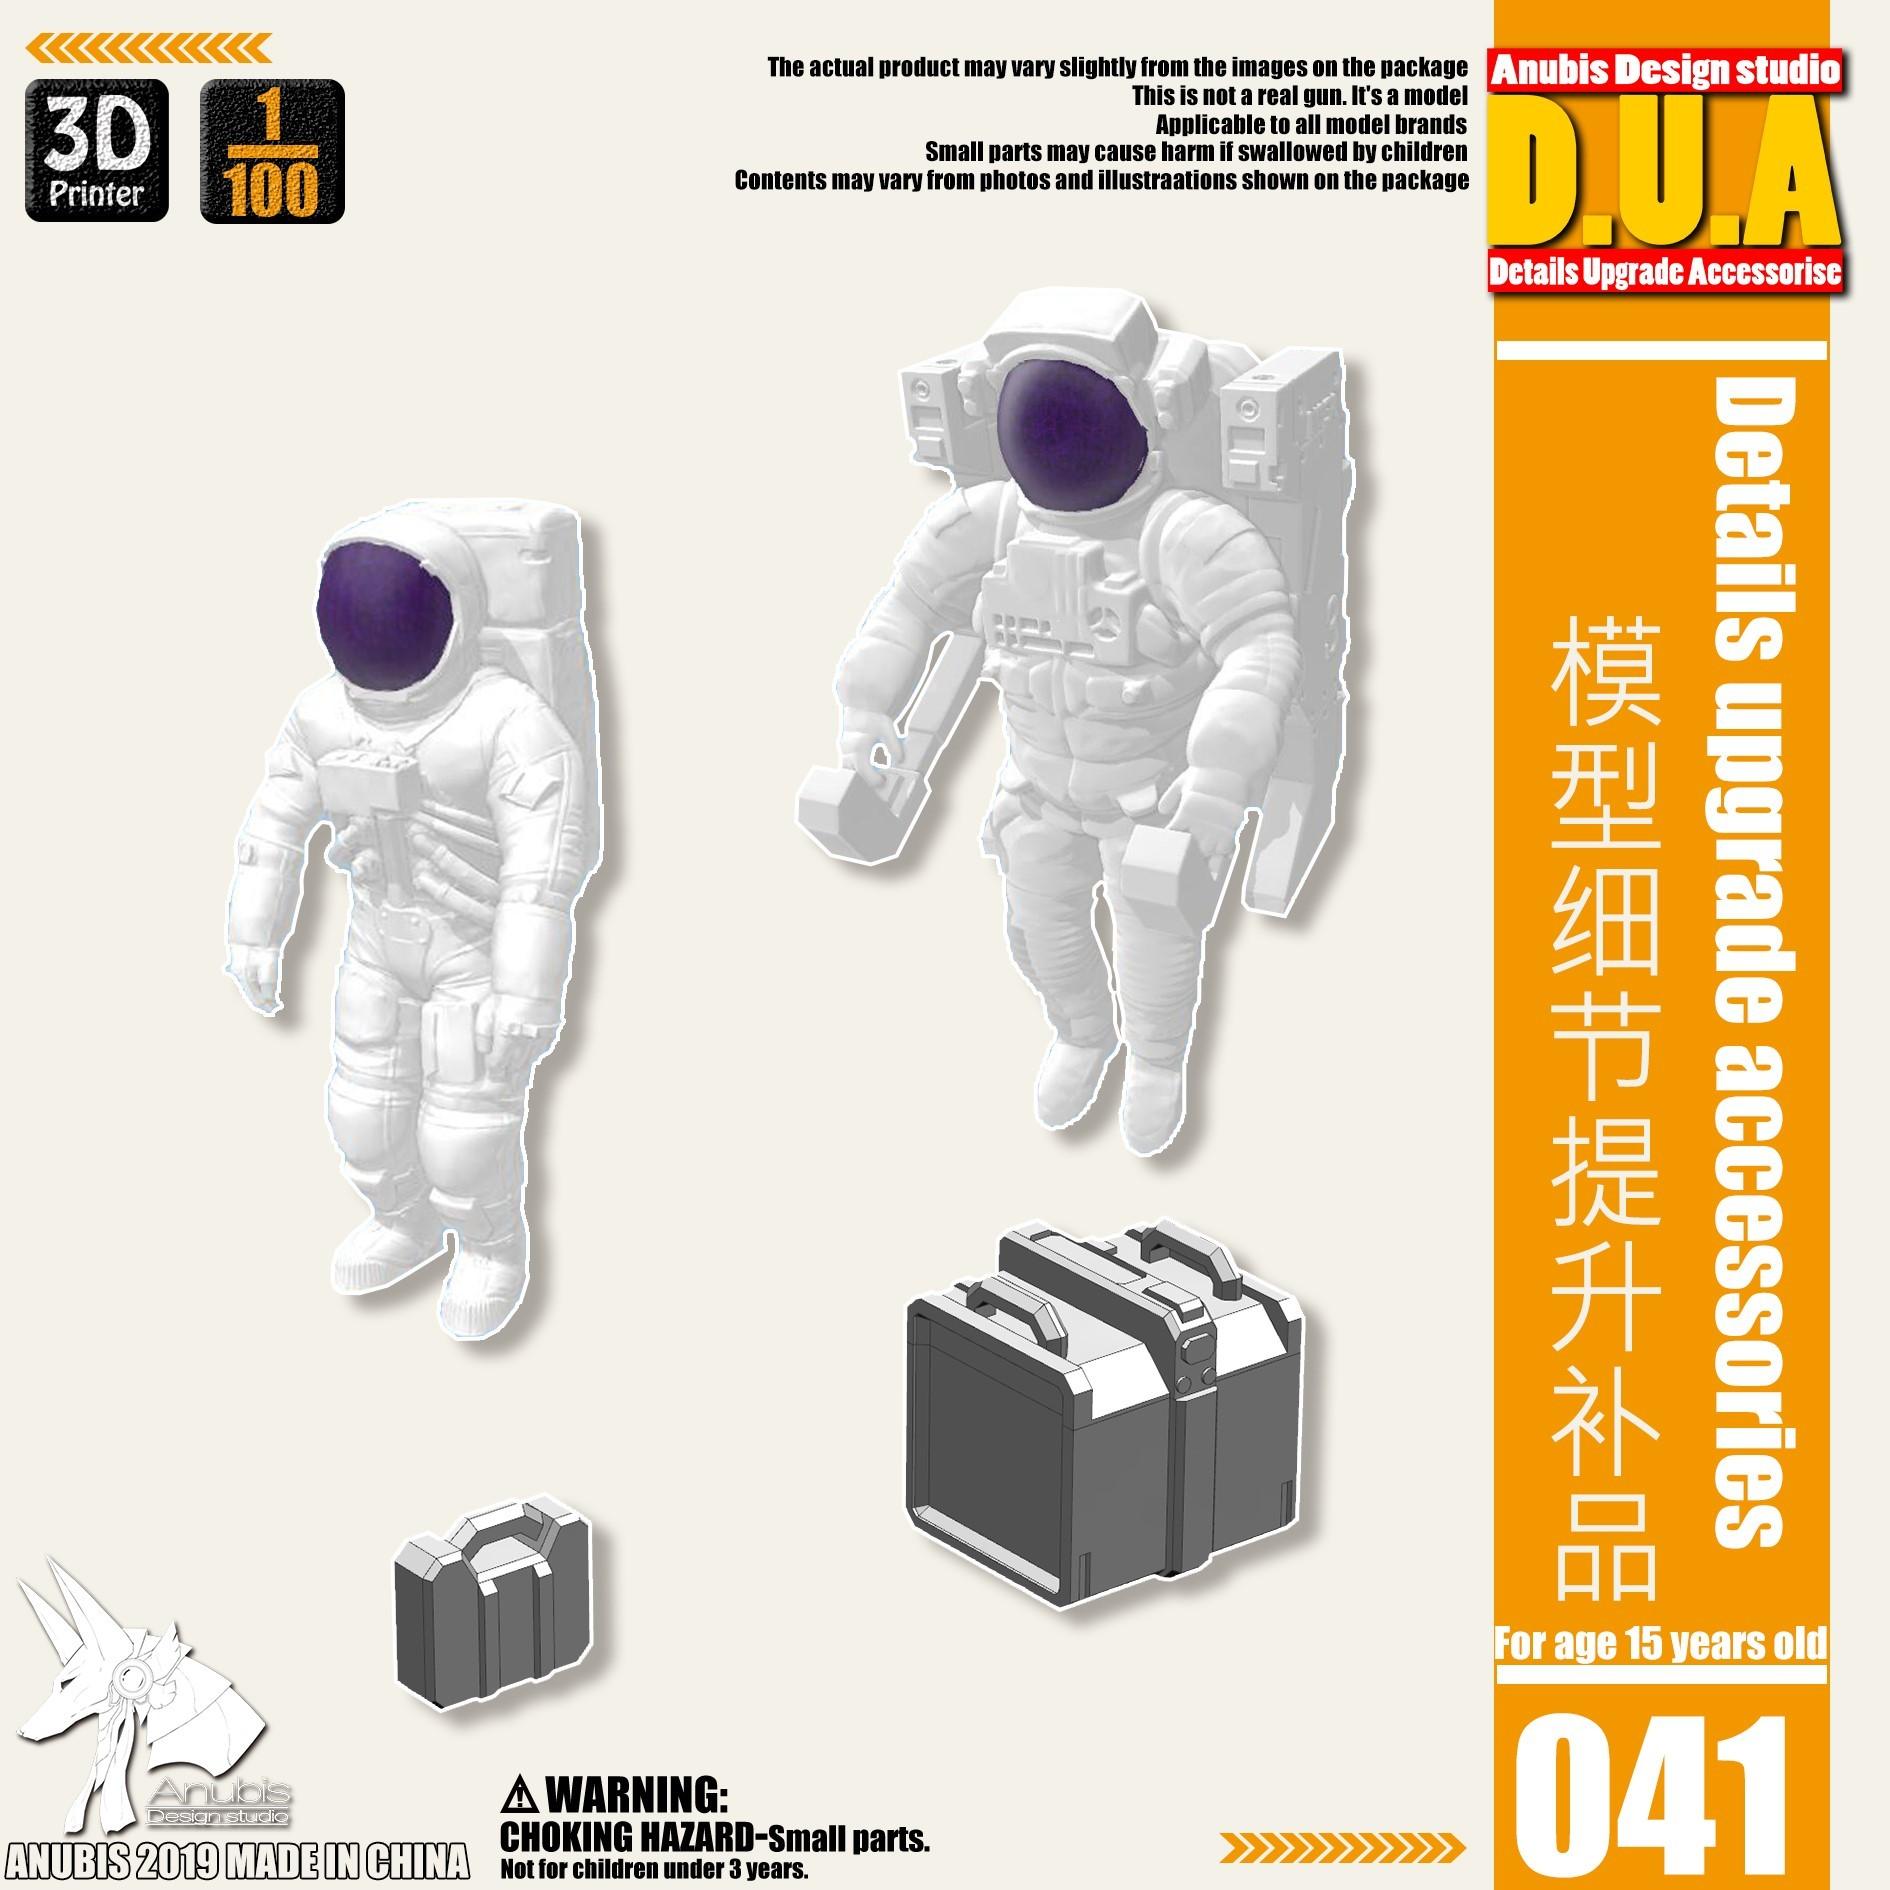 G413_DUA041_001.jpg